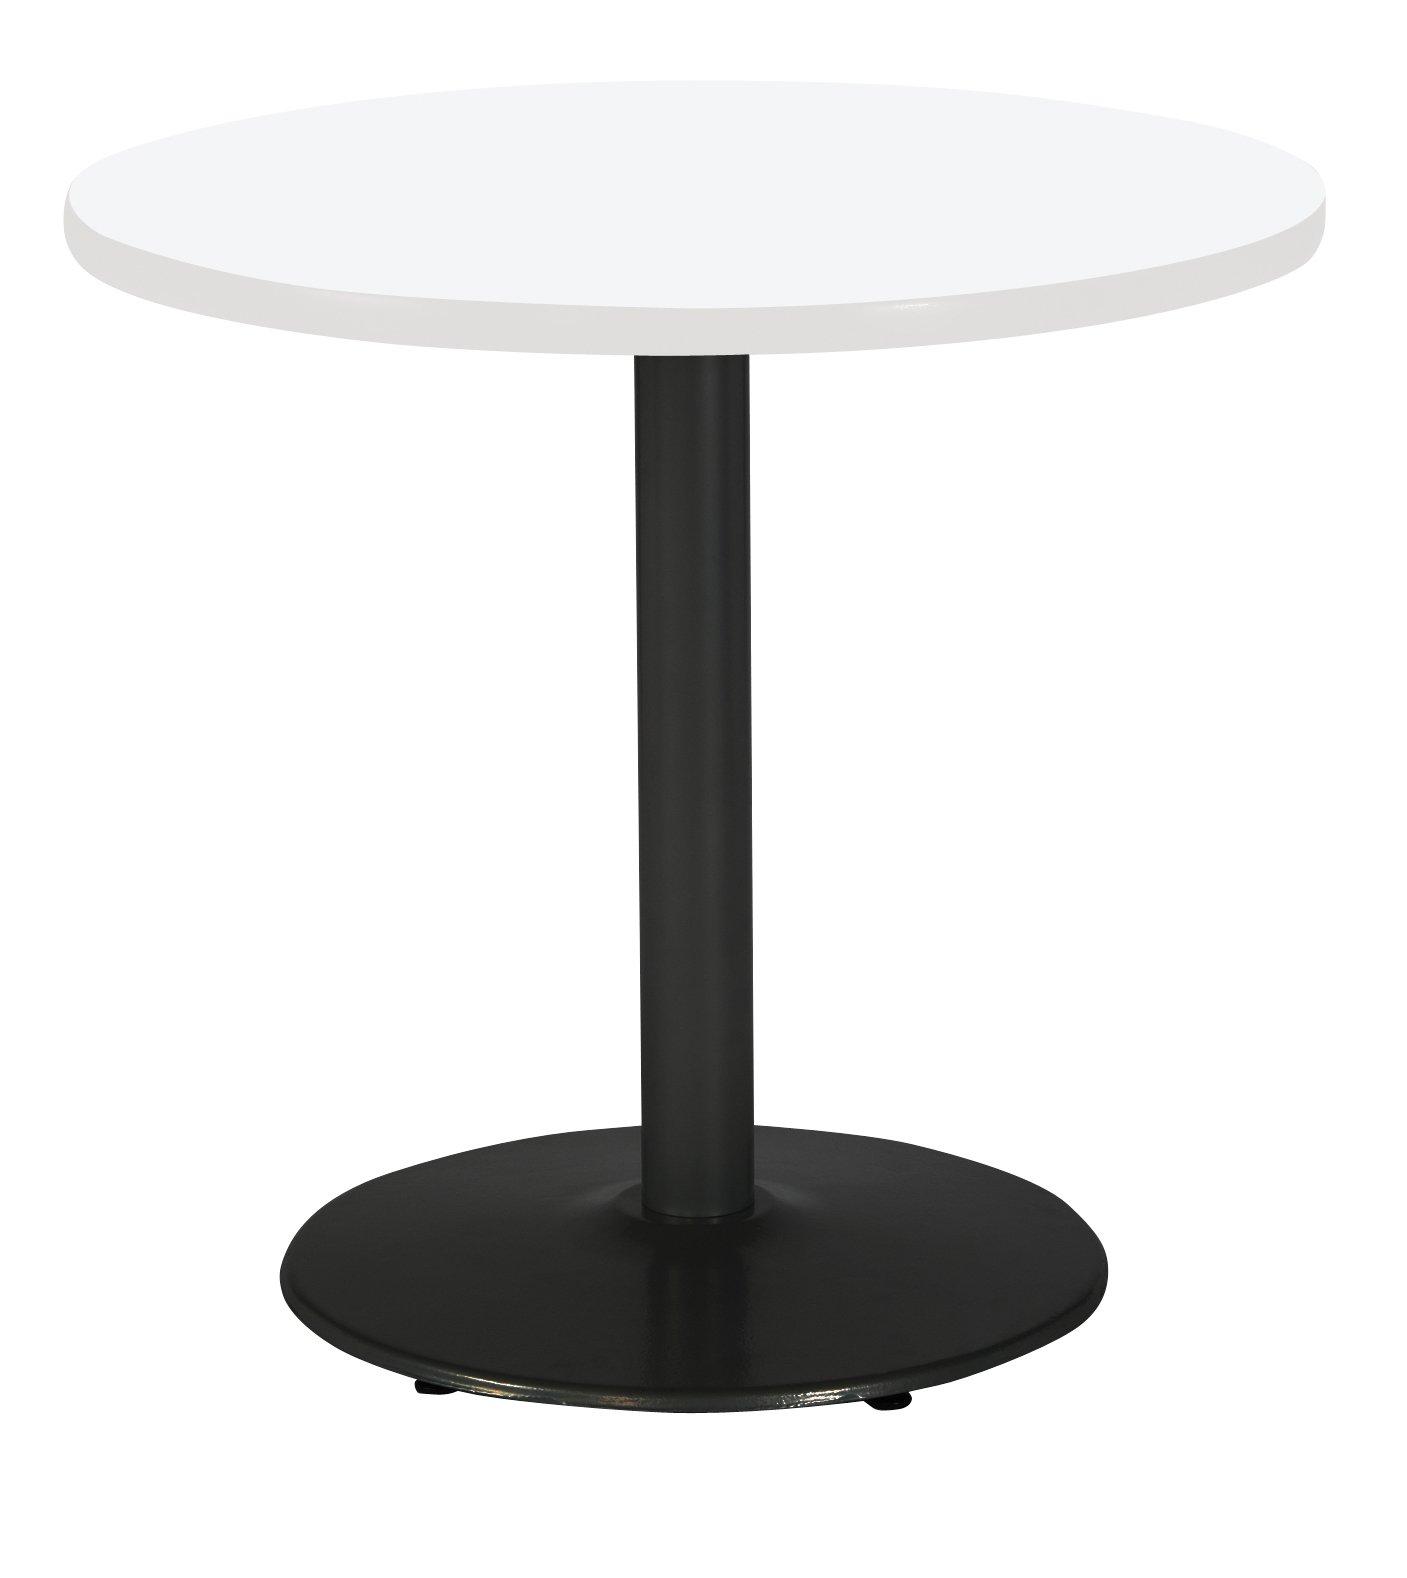 KFI Seating T36RD-B1922-BK-D354 Mode Multipurpose Table, 29'' H x 36'' W x 36'' D, Designer White